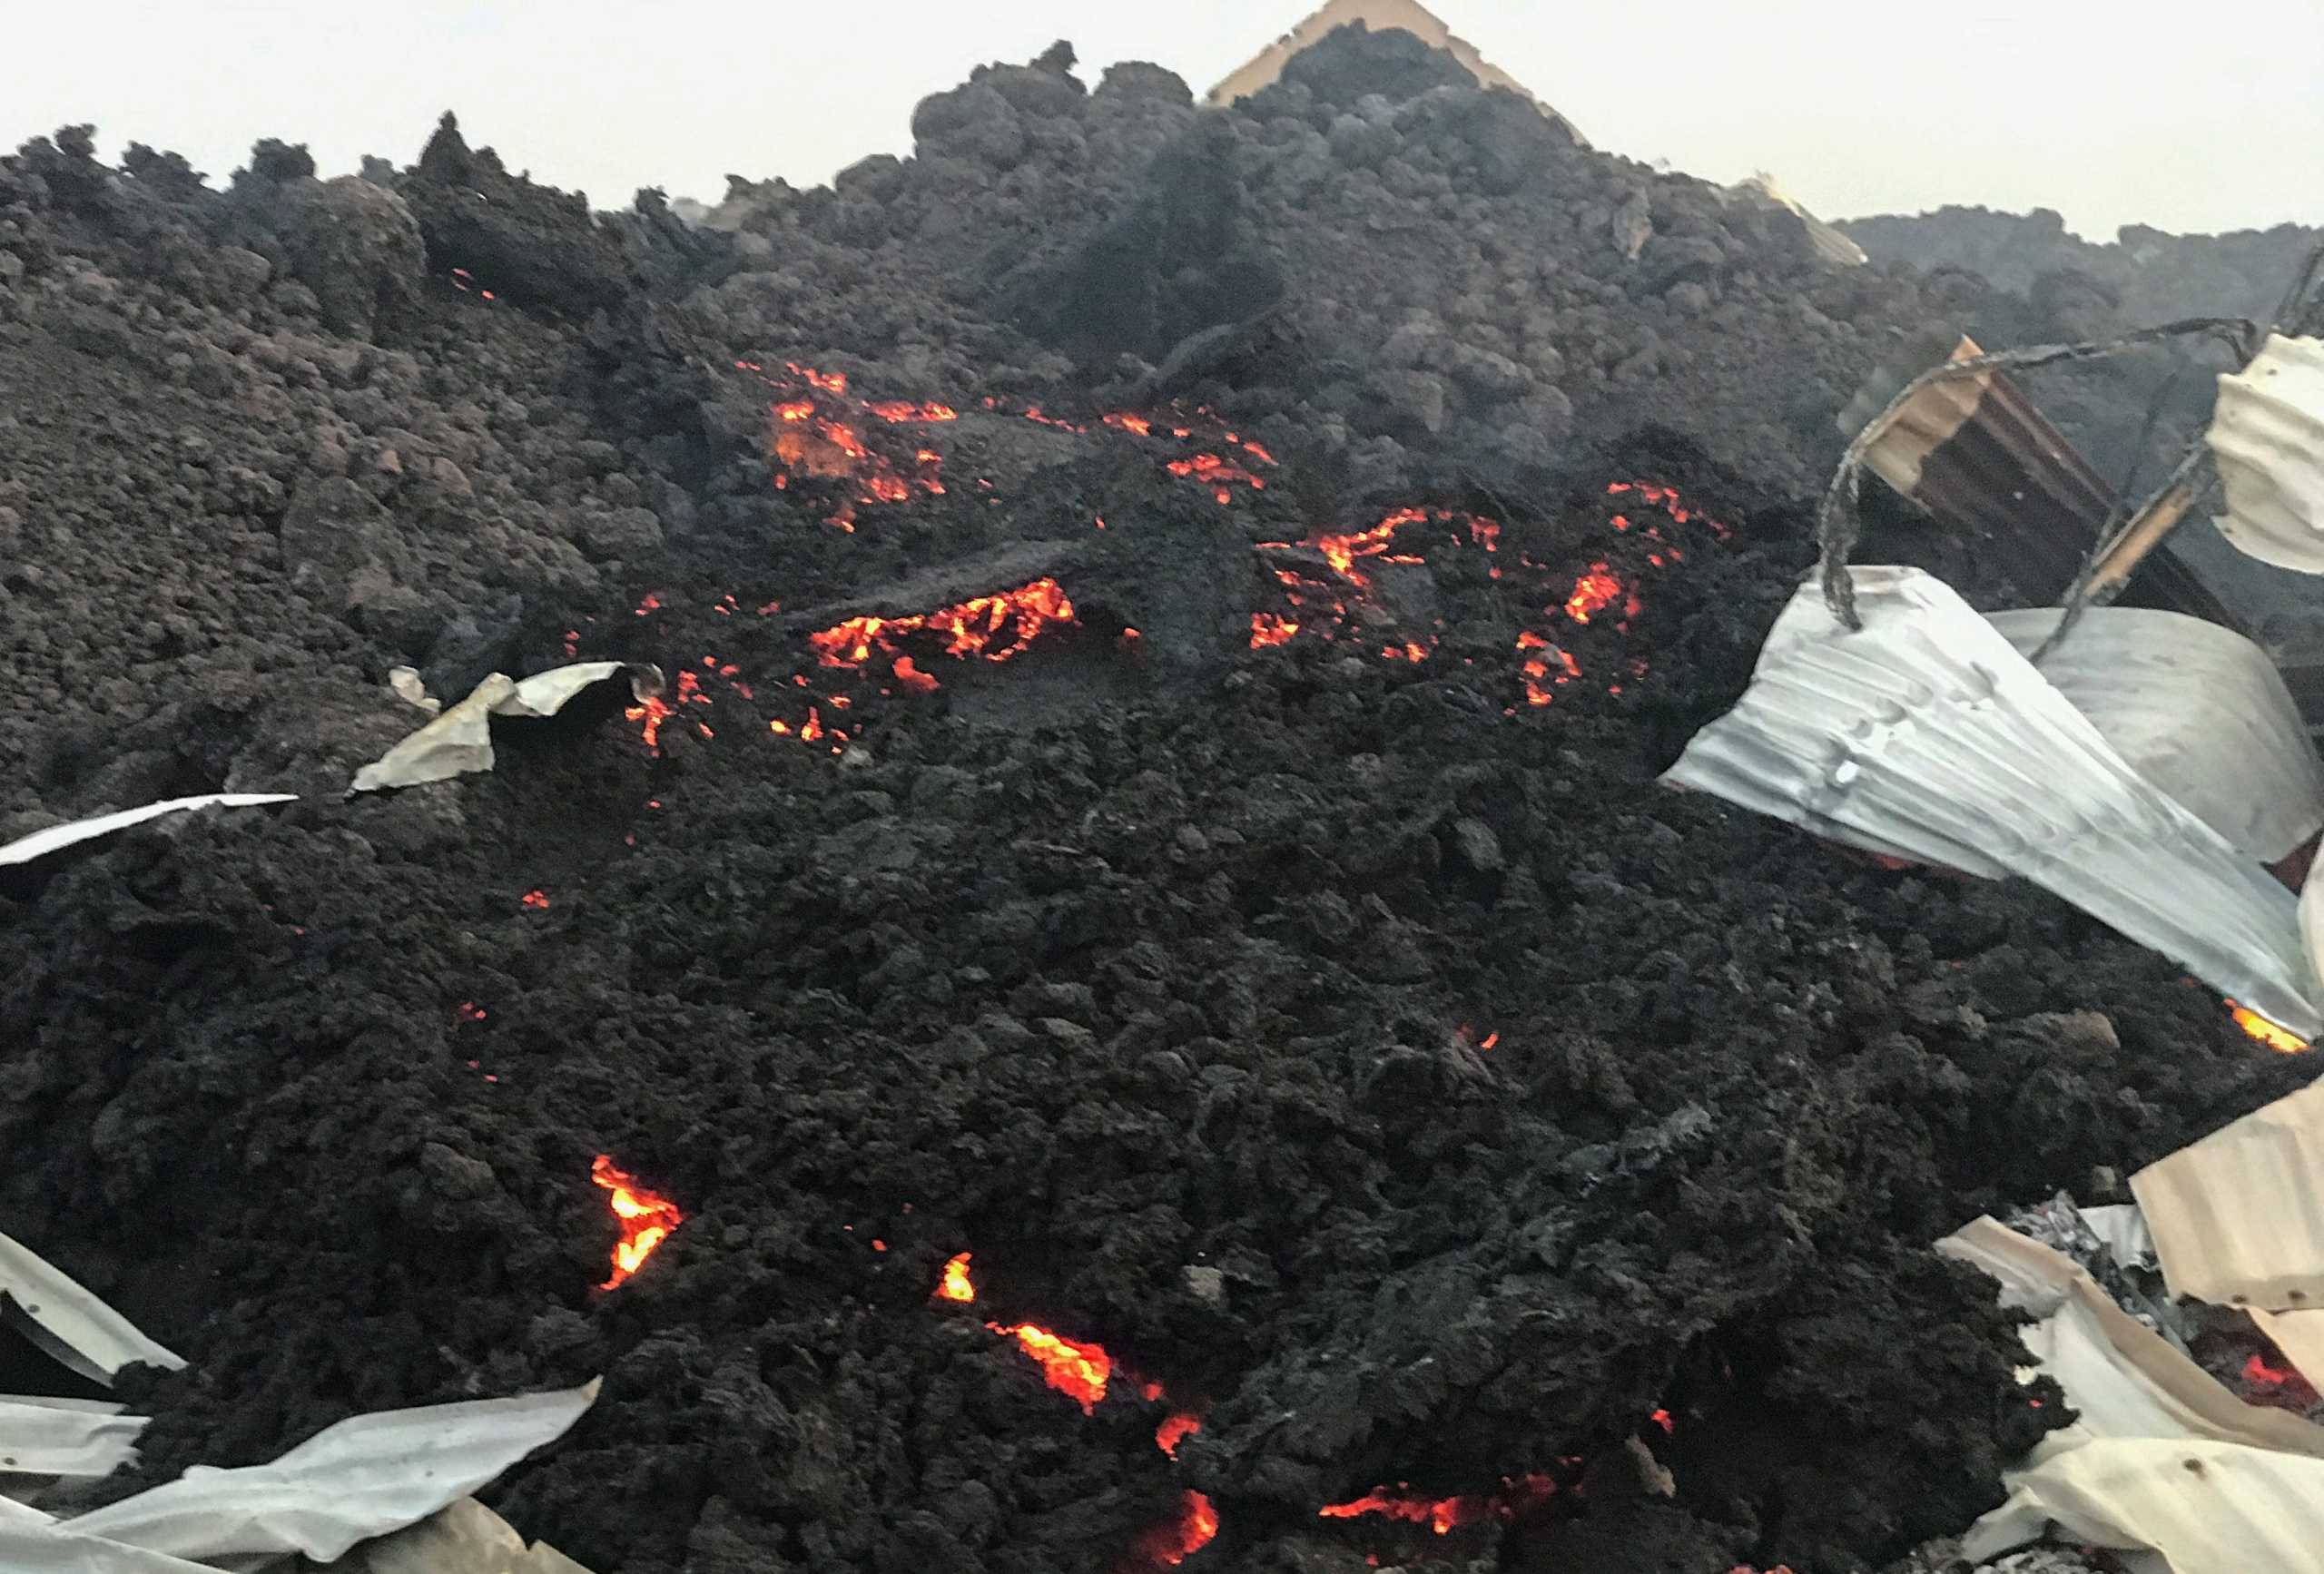 Κονγκό: «Γλίτωσε» η πόλη Γκόμα – Συγκλονιστικές εικόνες από την έκρηξη του ηφαιστείου Νιραγκόνγκο